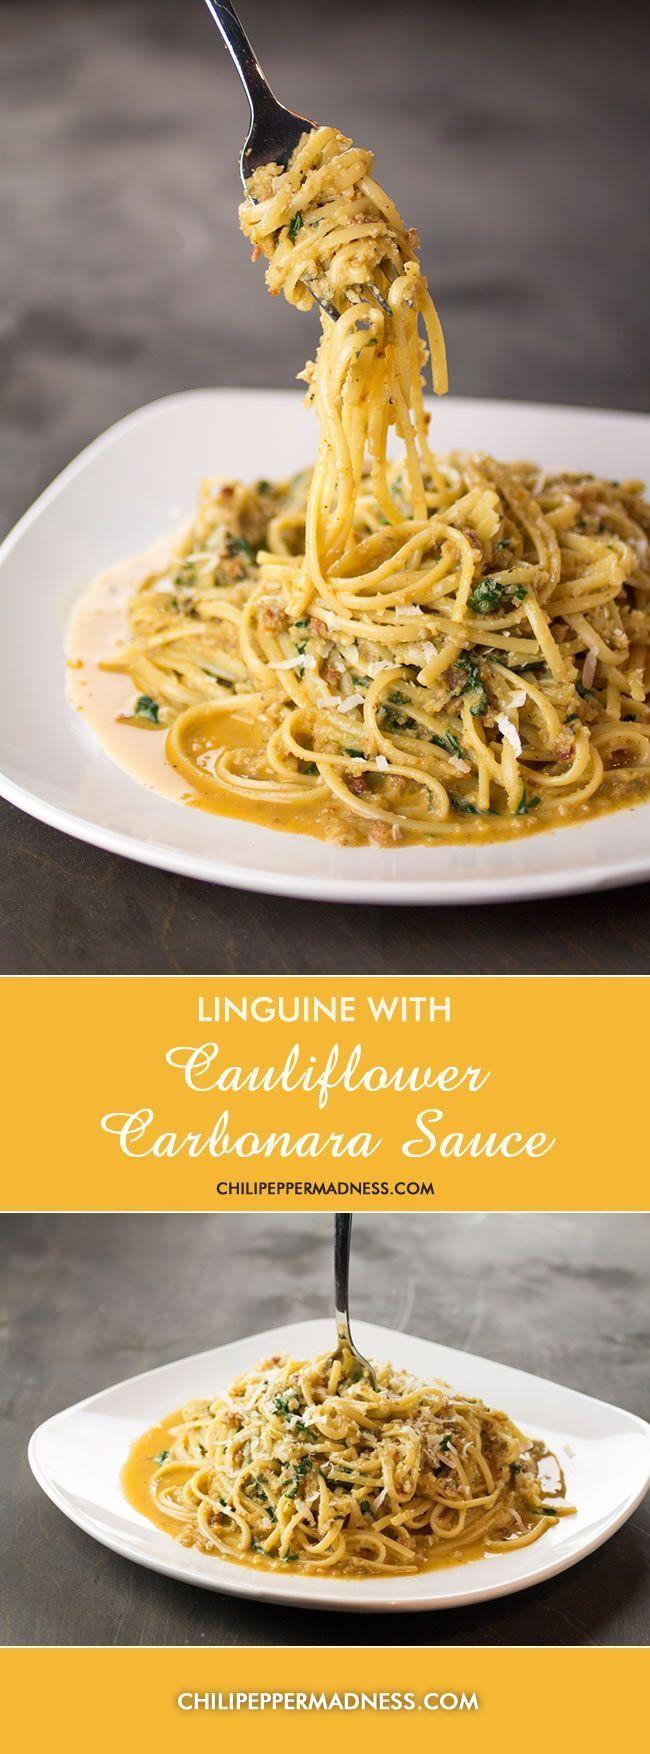 Linguine with Cauliflower Carbonara Sauce - A lighter, healthier version of the classic Italian Pasta Carbonara, made with cauliflower. From ChiliPepperMadness.com